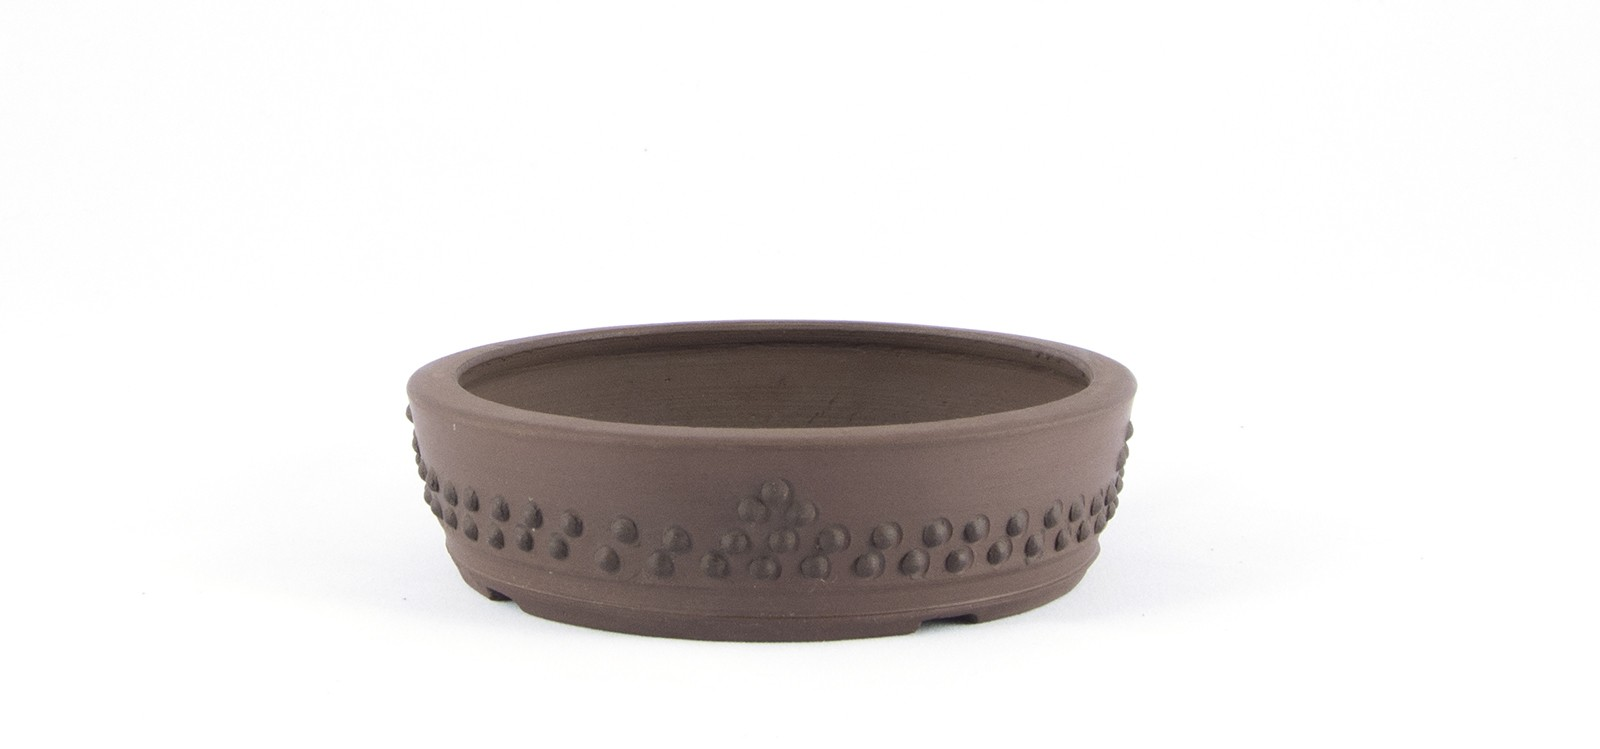 Tokoname Bonsai Pot 65a58 Bonsai Pavia